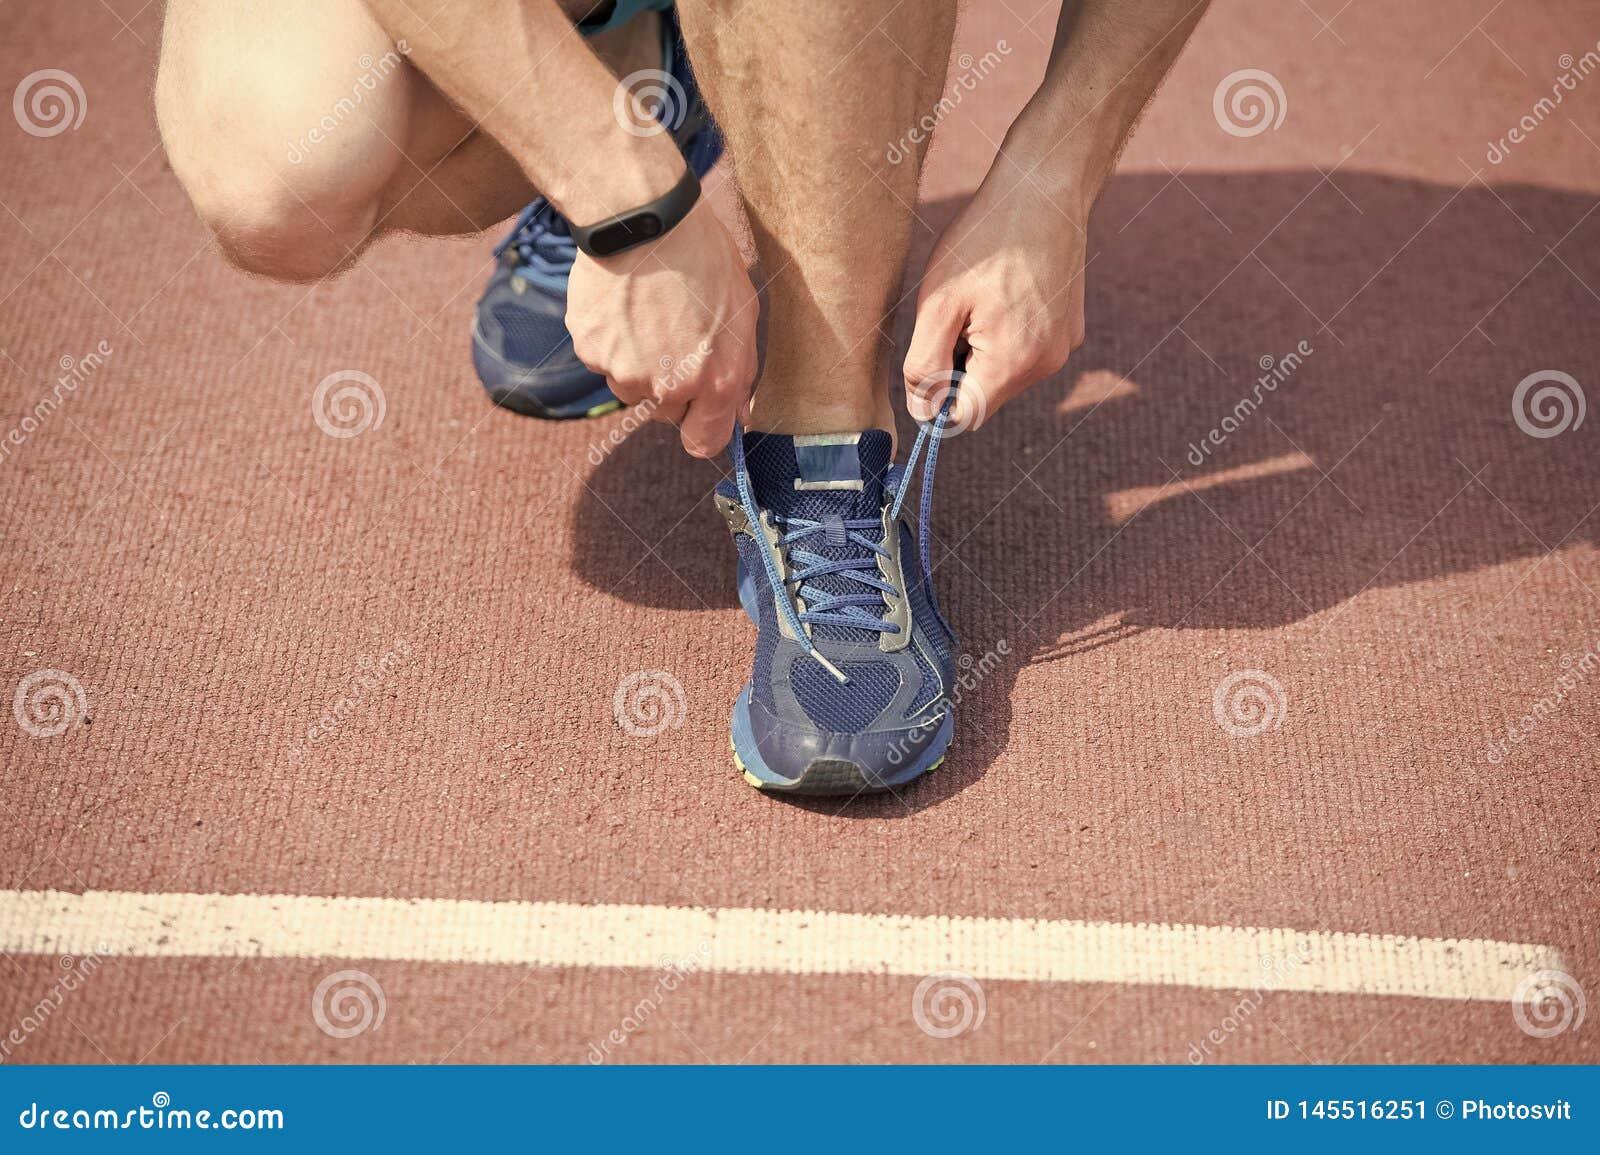 Werden fertig zum R?tteln H?nde, die Spitzeturnschuh-Laufbahnhintergrund binden H?nde des Sportlers mit Pedometer